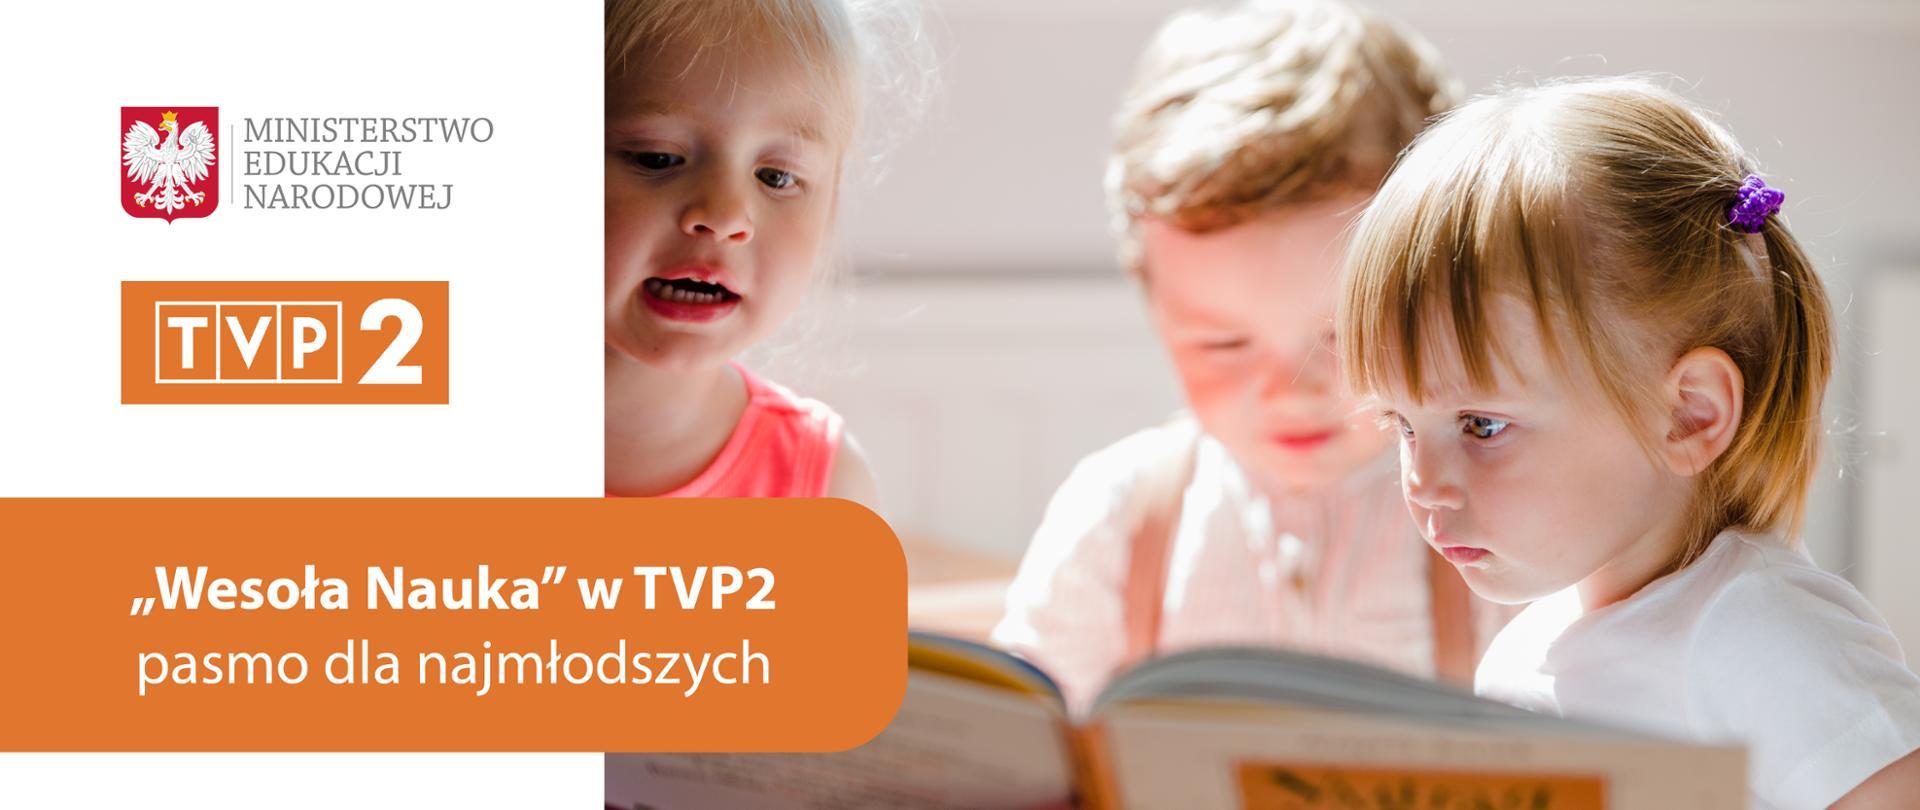 """Dzieci w wieku przedszkolnym oglądające książkę. Po lewej stronie logo Ministerstwa Edukacji Narodowej i TVP 2 na białym tle. Pod logo napis na pomarańczowym tle: """"Wesoła Nauka"""" w TVP2 – pasmo dla najmłodszych."""